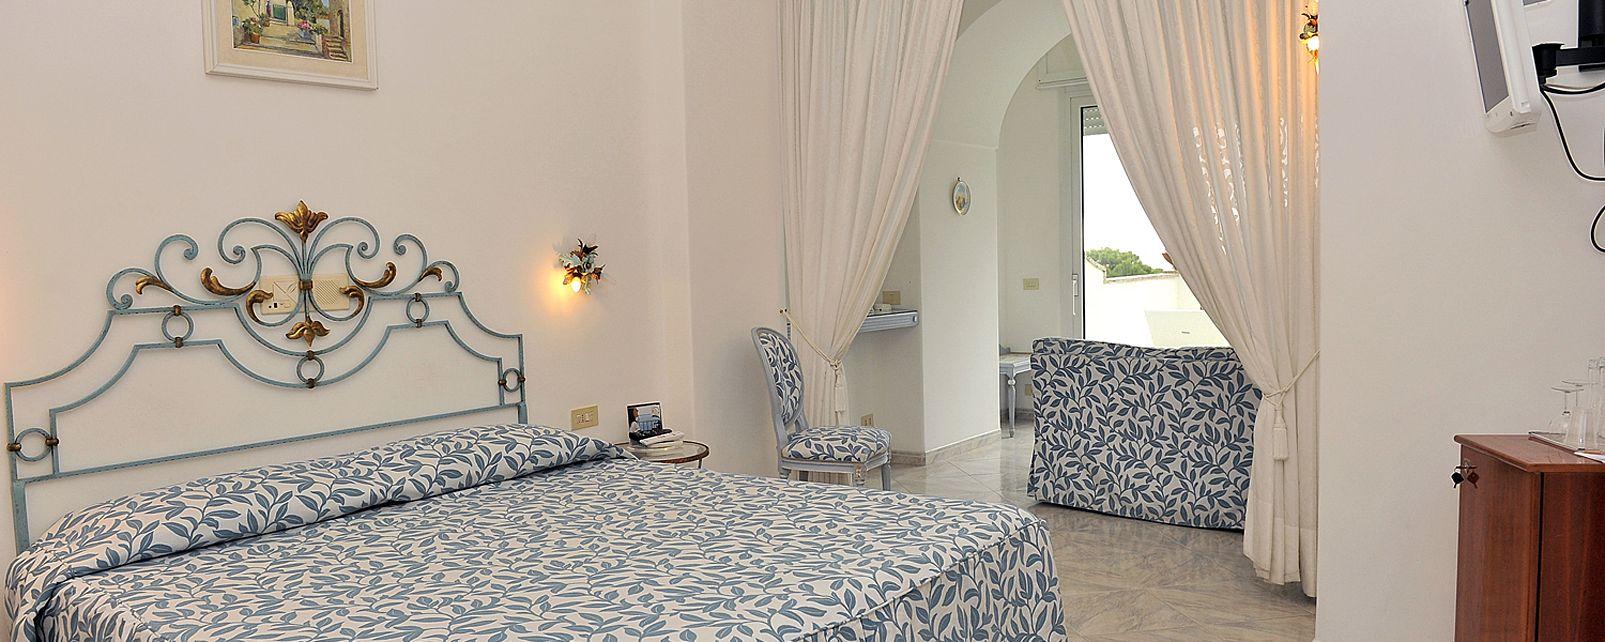 Hotel La Floridiana Capri Offerte